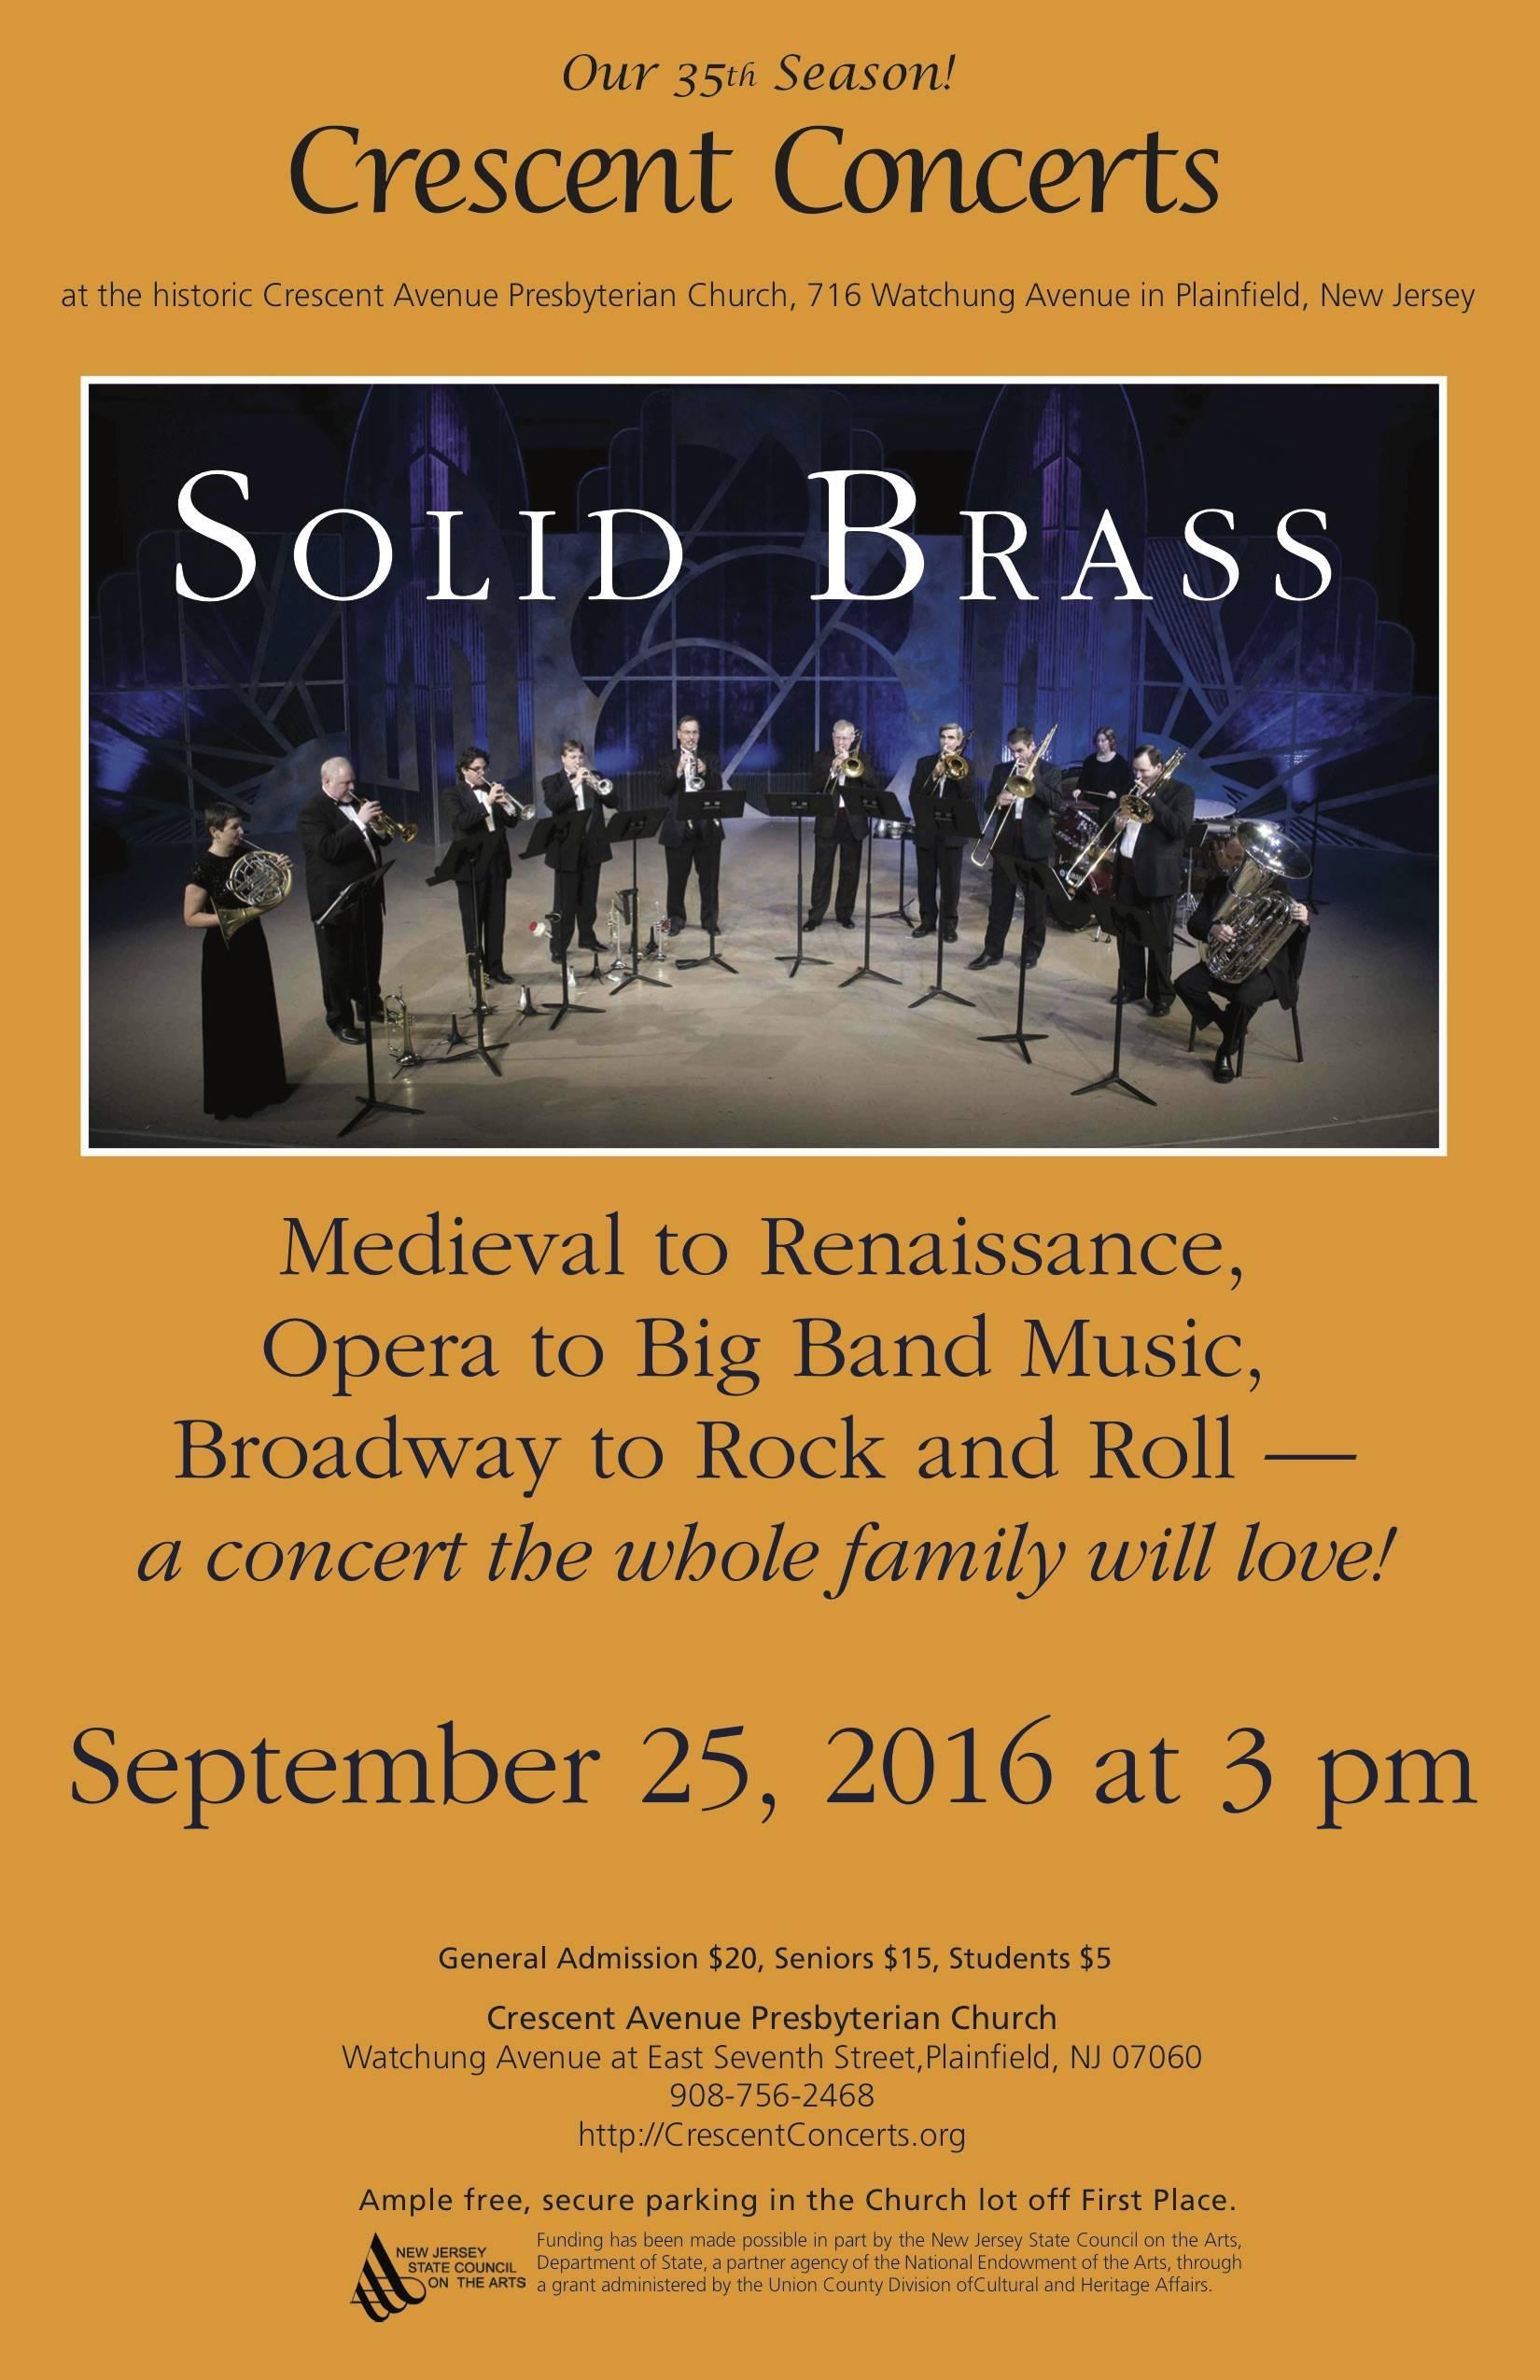 b20b17b80d8d910faa0e_solid_brass_concert_jpeg.jpg